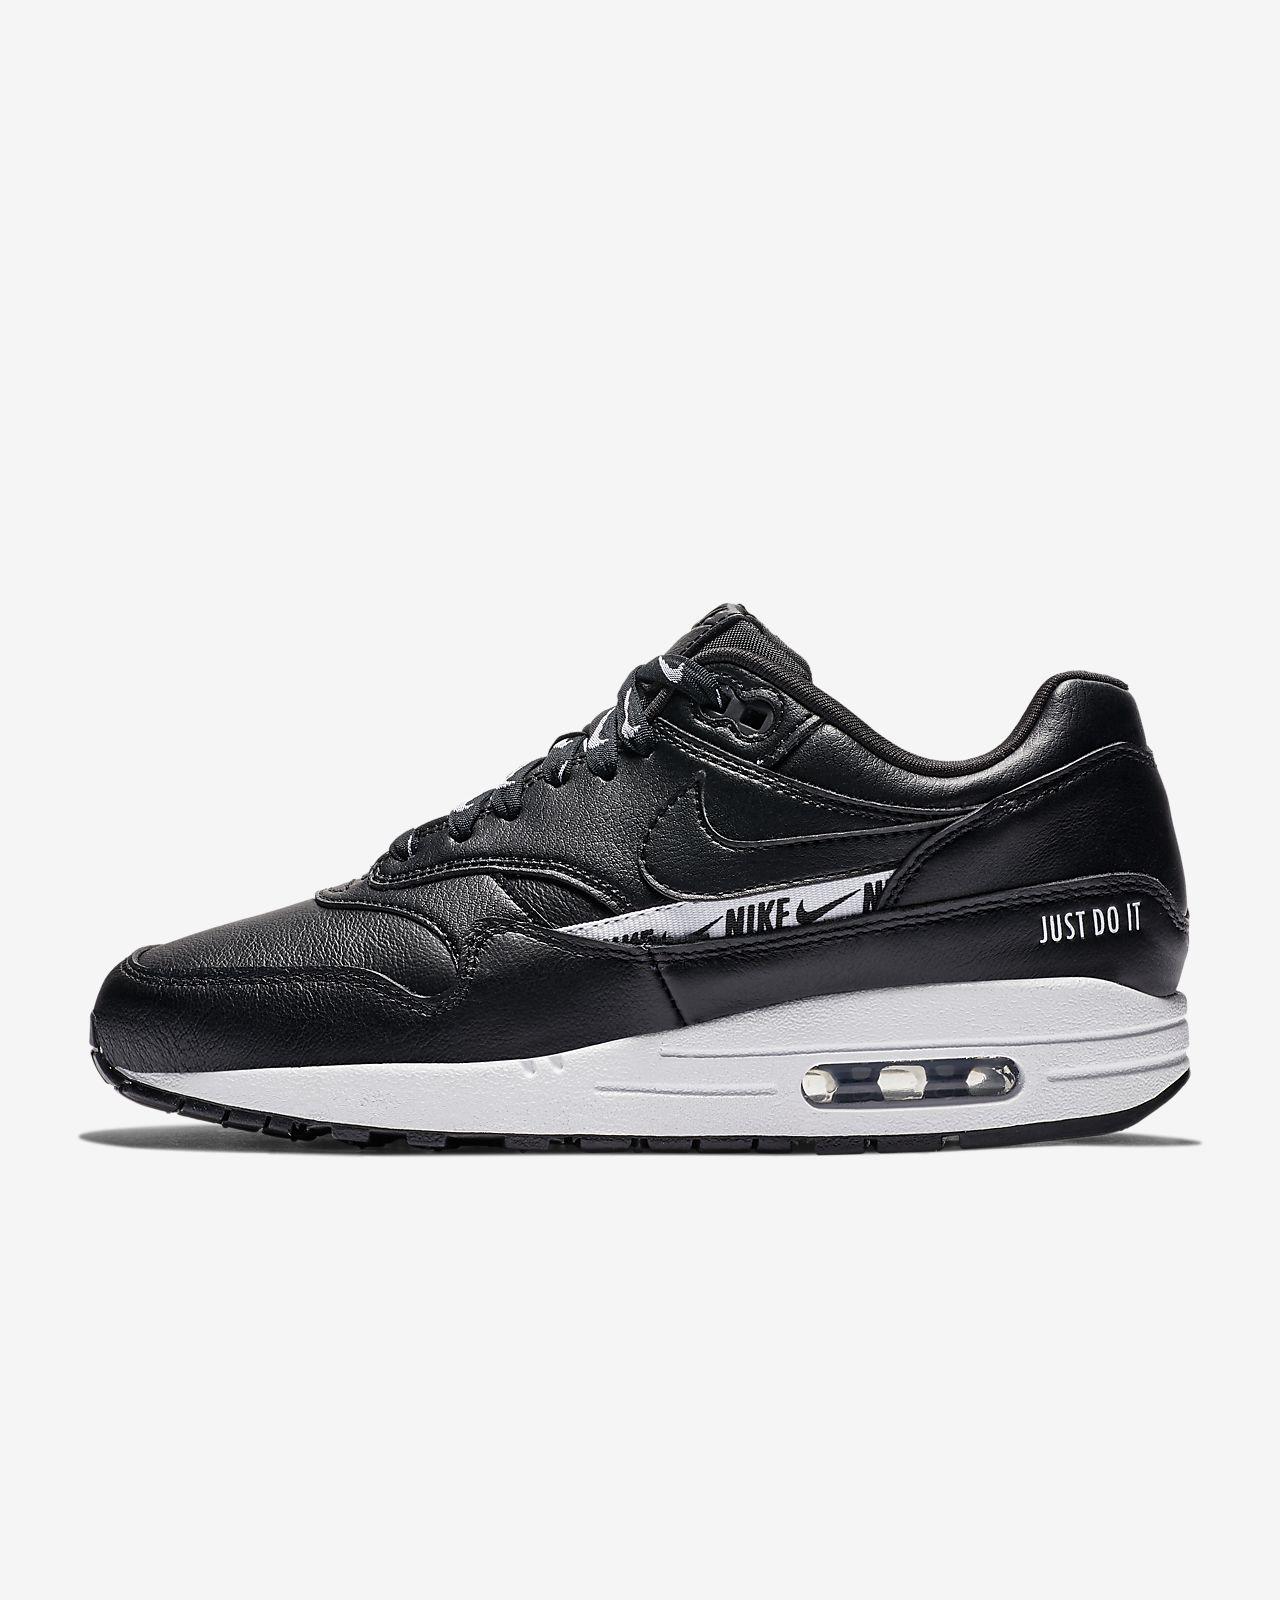 quality design c53d4 d1f4a ... Chaussure Nike Air Max 1 SE pour Femme